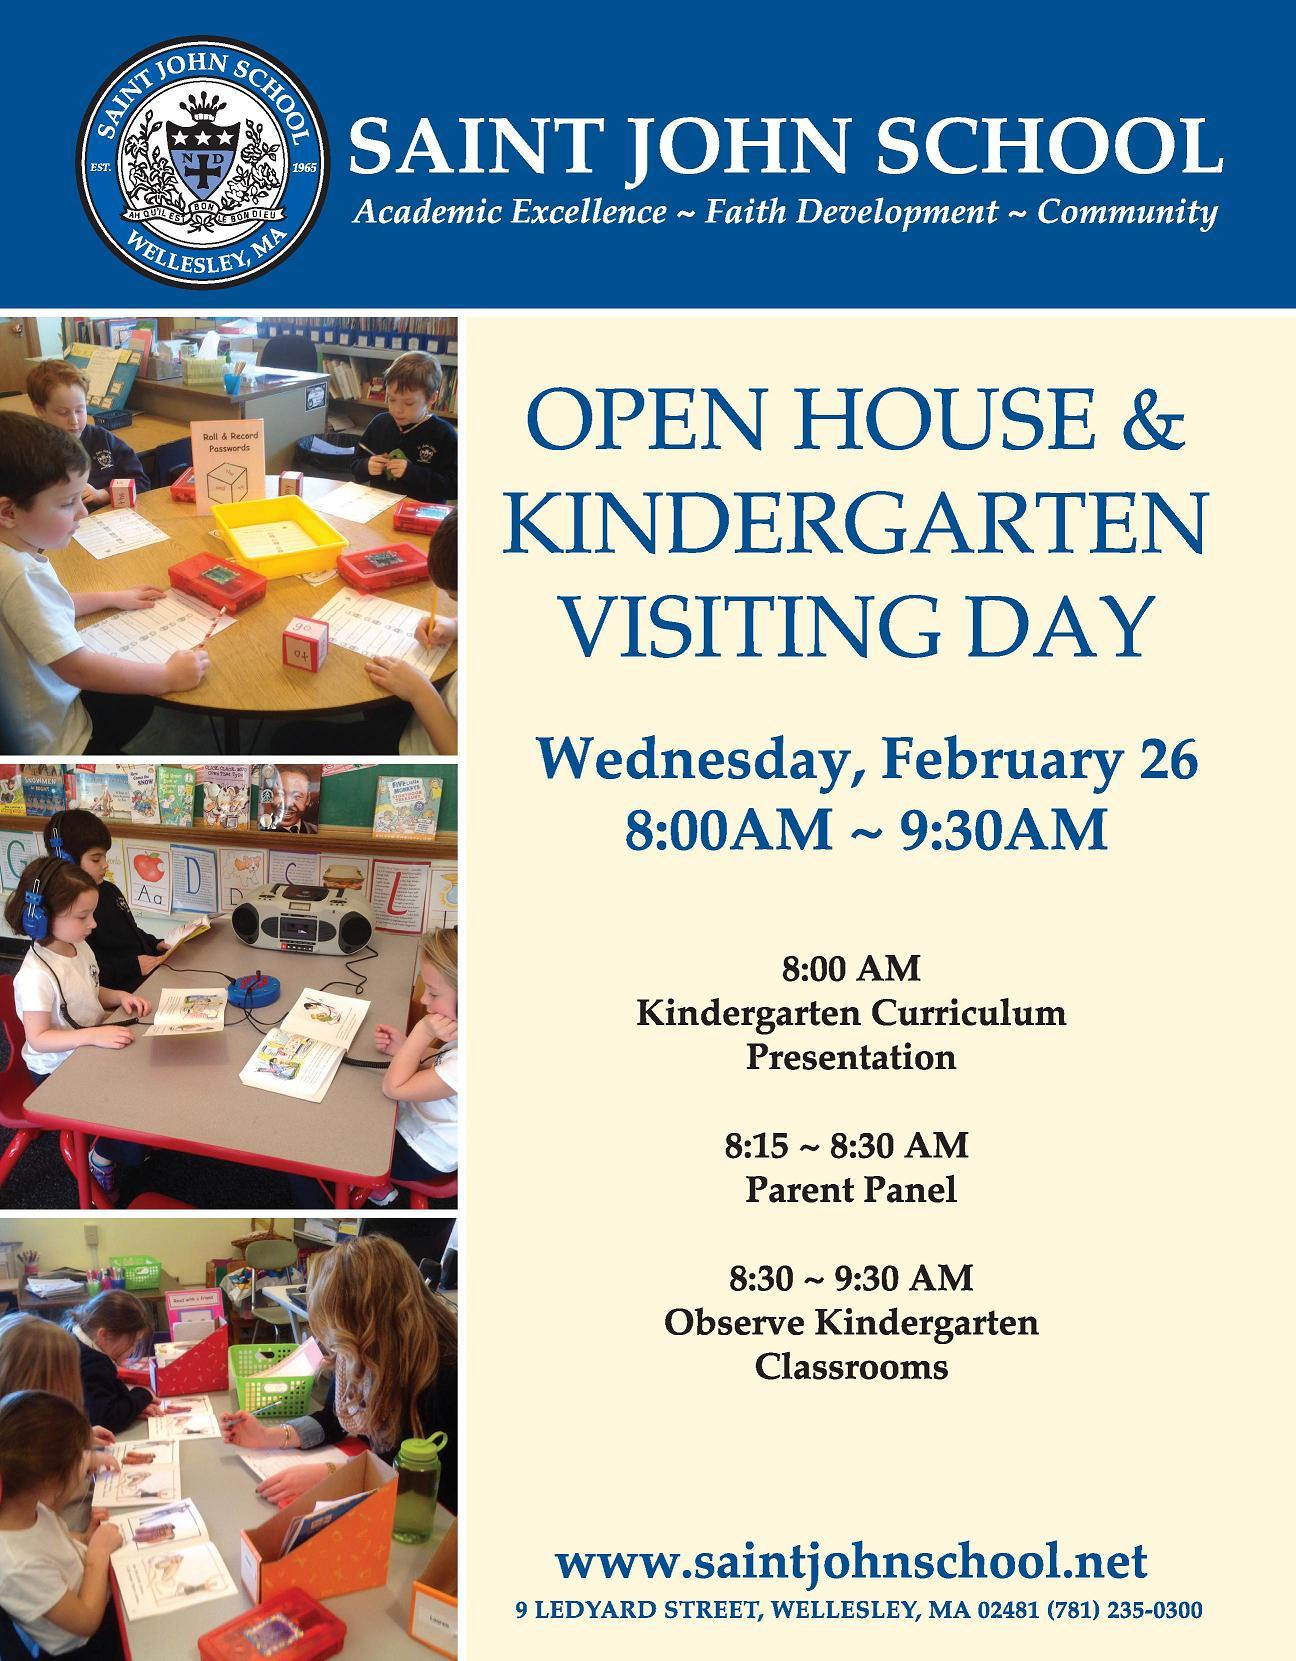 Advent Calendar Preschool : Kindergarten visiting day open house flyer st john the